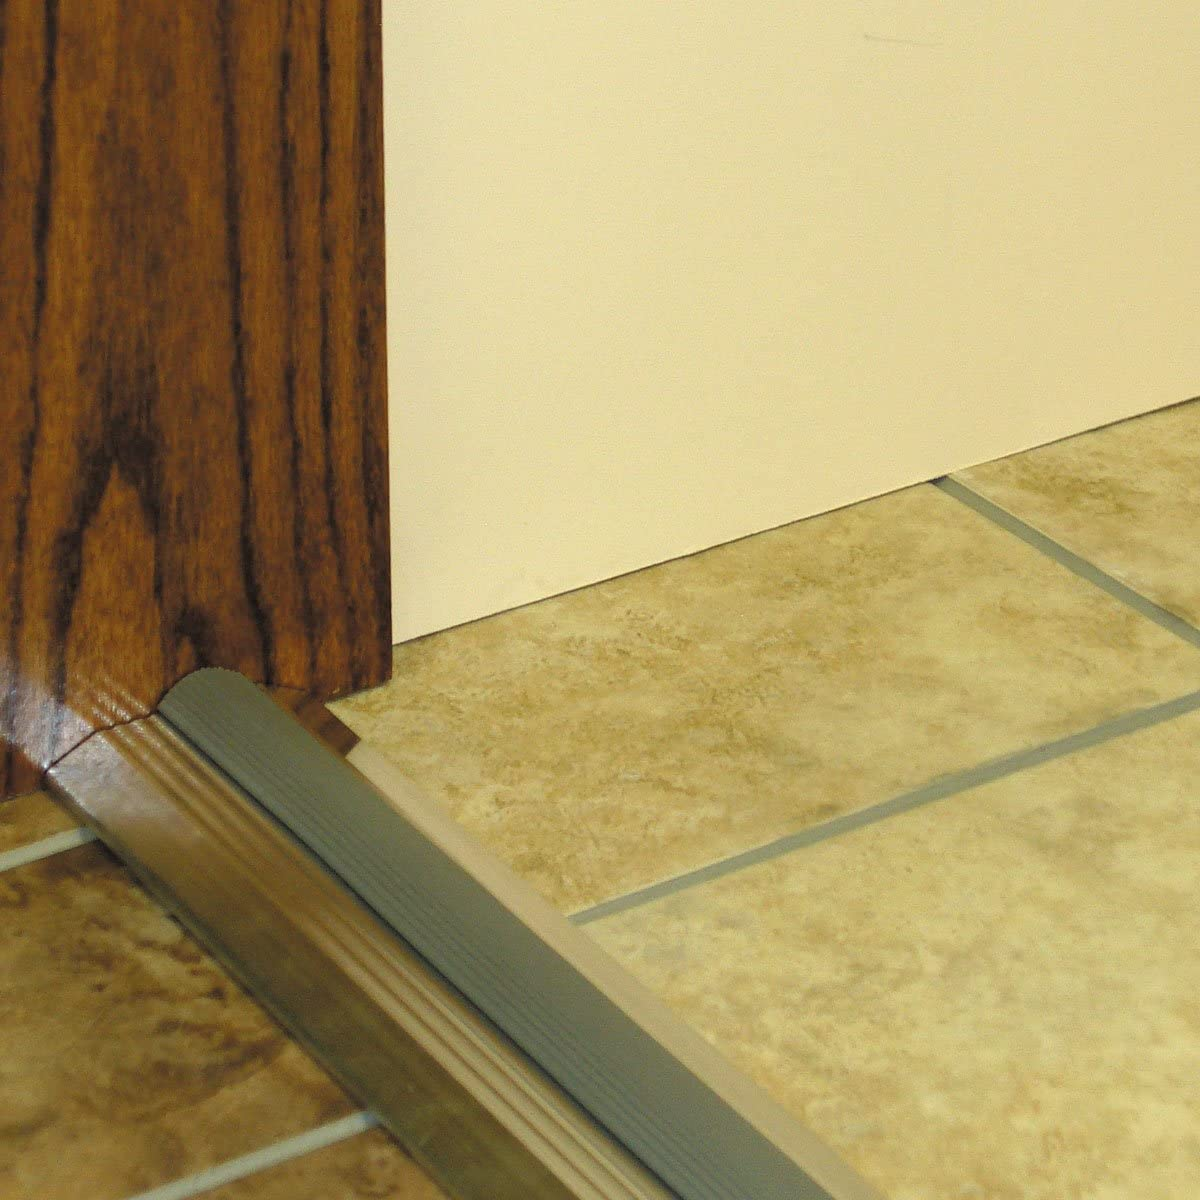 M D Building Products 8102 M D 0 Deluxe Heavy Duty Door Threshold With Vinyl Seal 3 3 4 In W X 36 In L X 3 4 In H Silver Door Thresholds Amazon Com